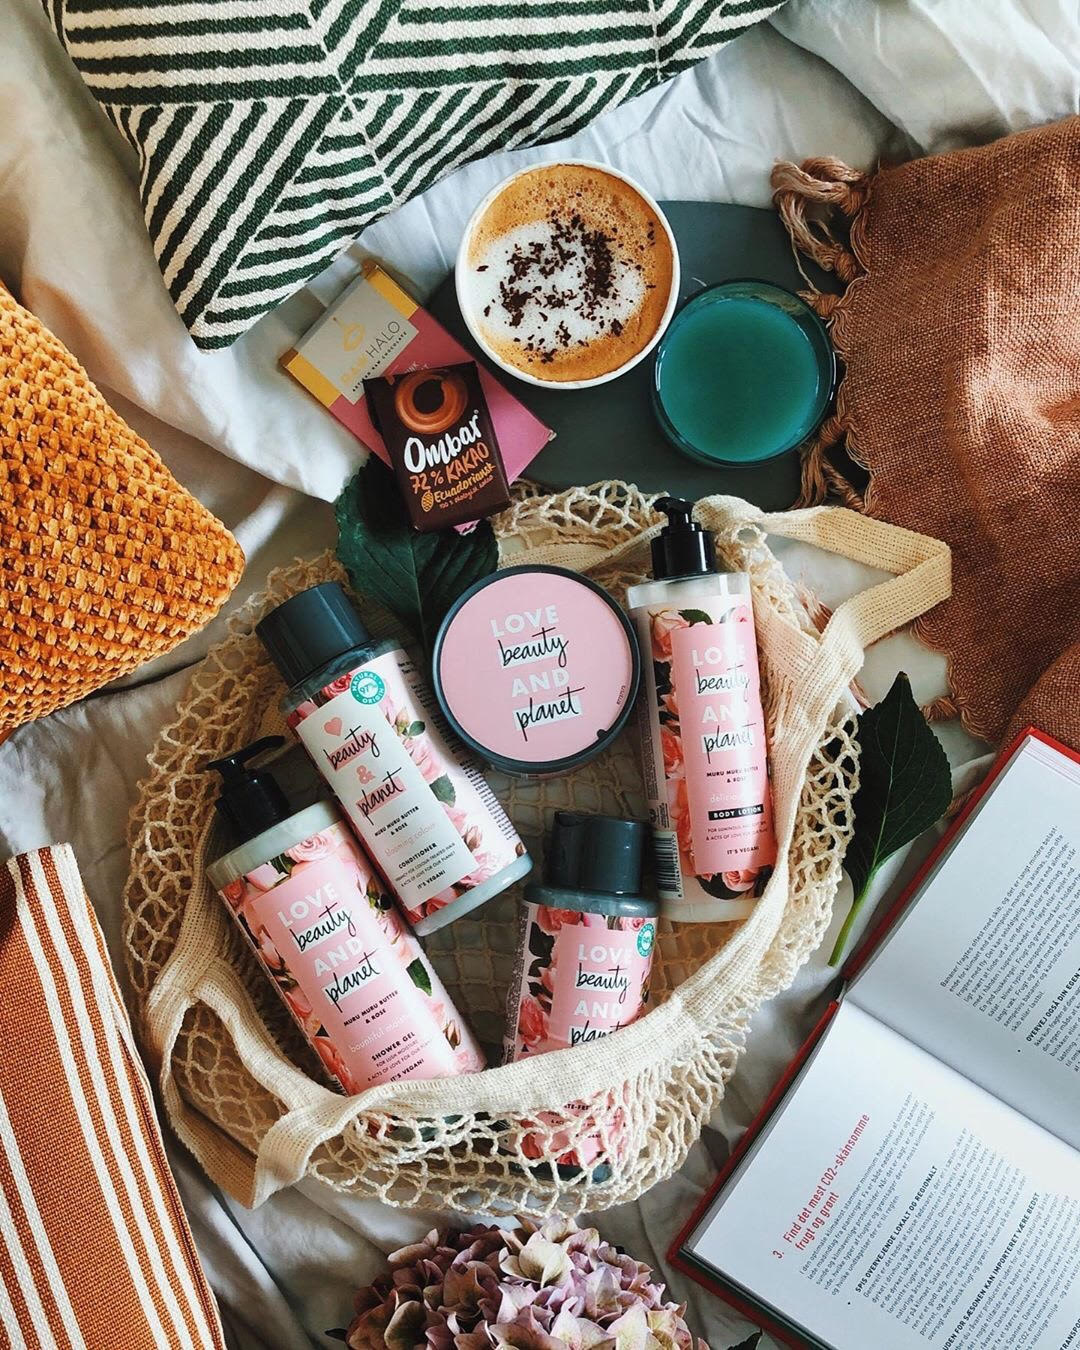 gode vaner miljø bæredygtighed shampoo balsam showergel